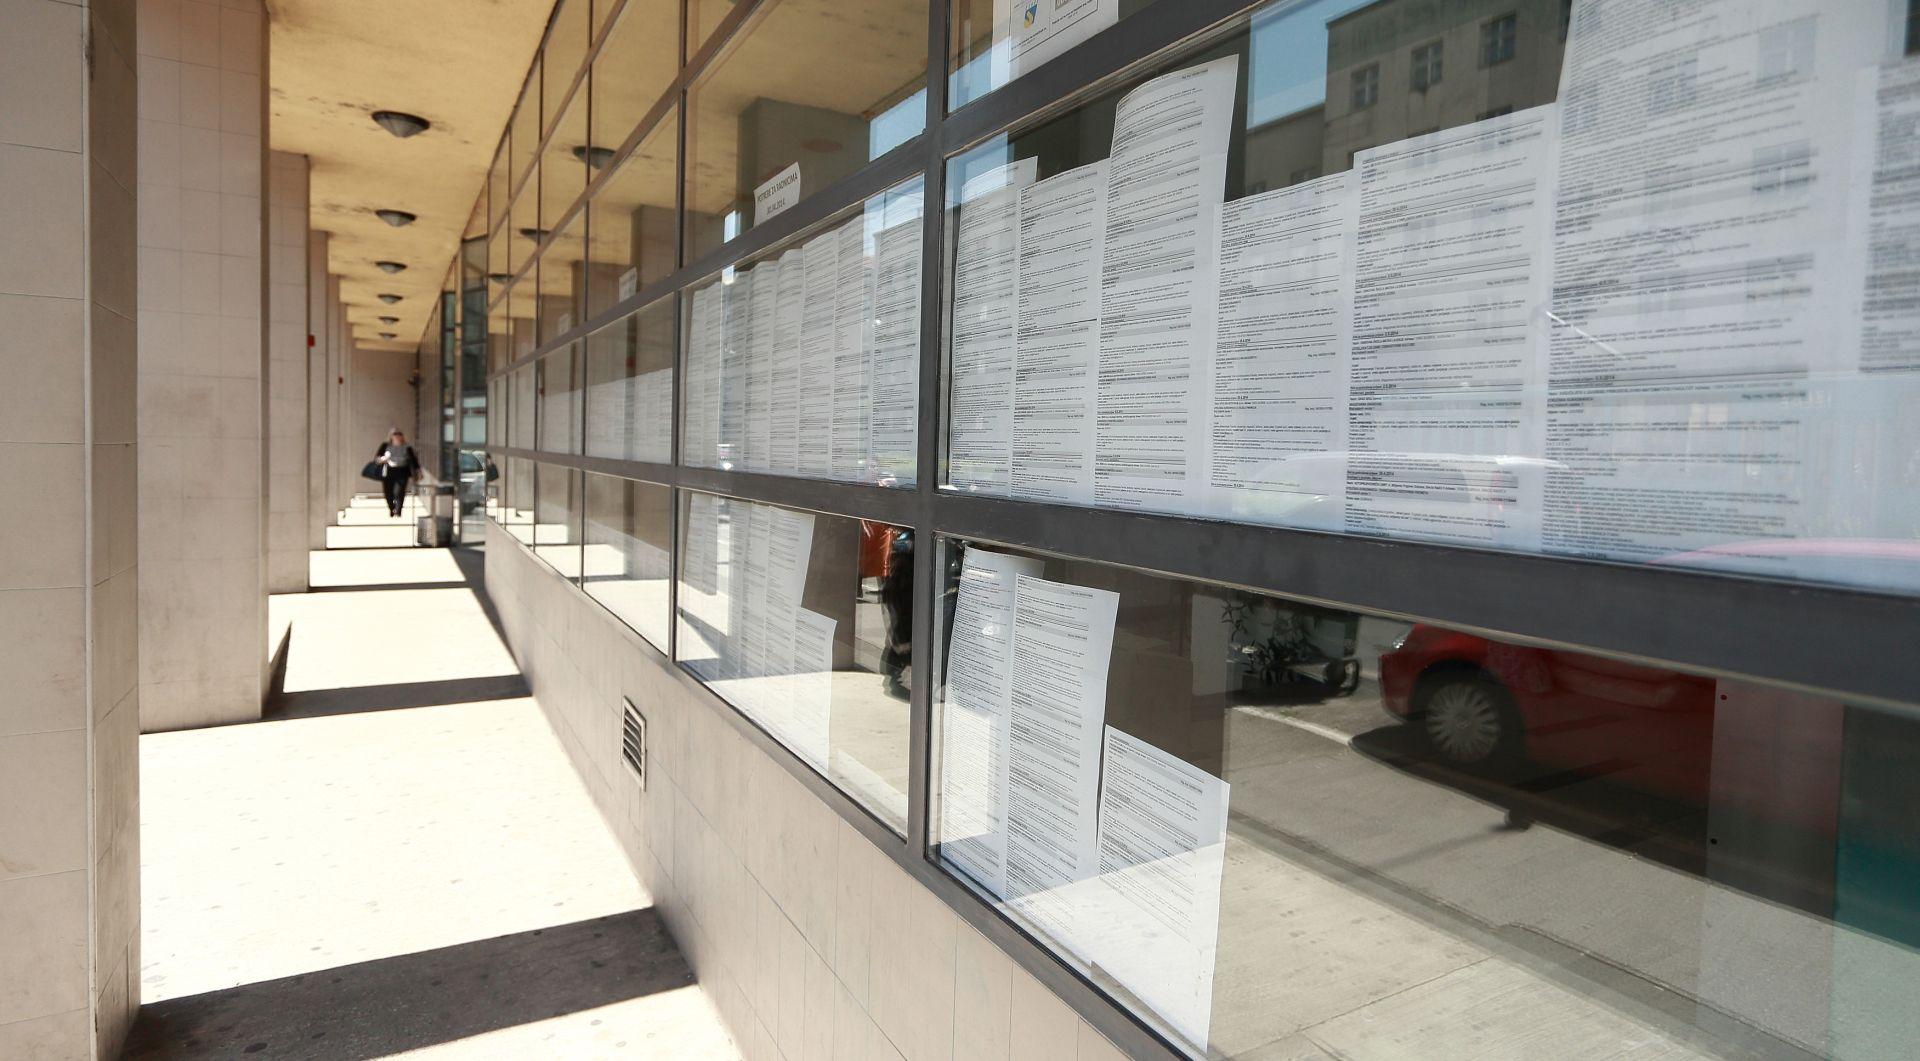 HRVATSKI ZAVOD ZA ZAPOŠLJAVANJE Krajem prošle godine 285.468 nezaposlenih